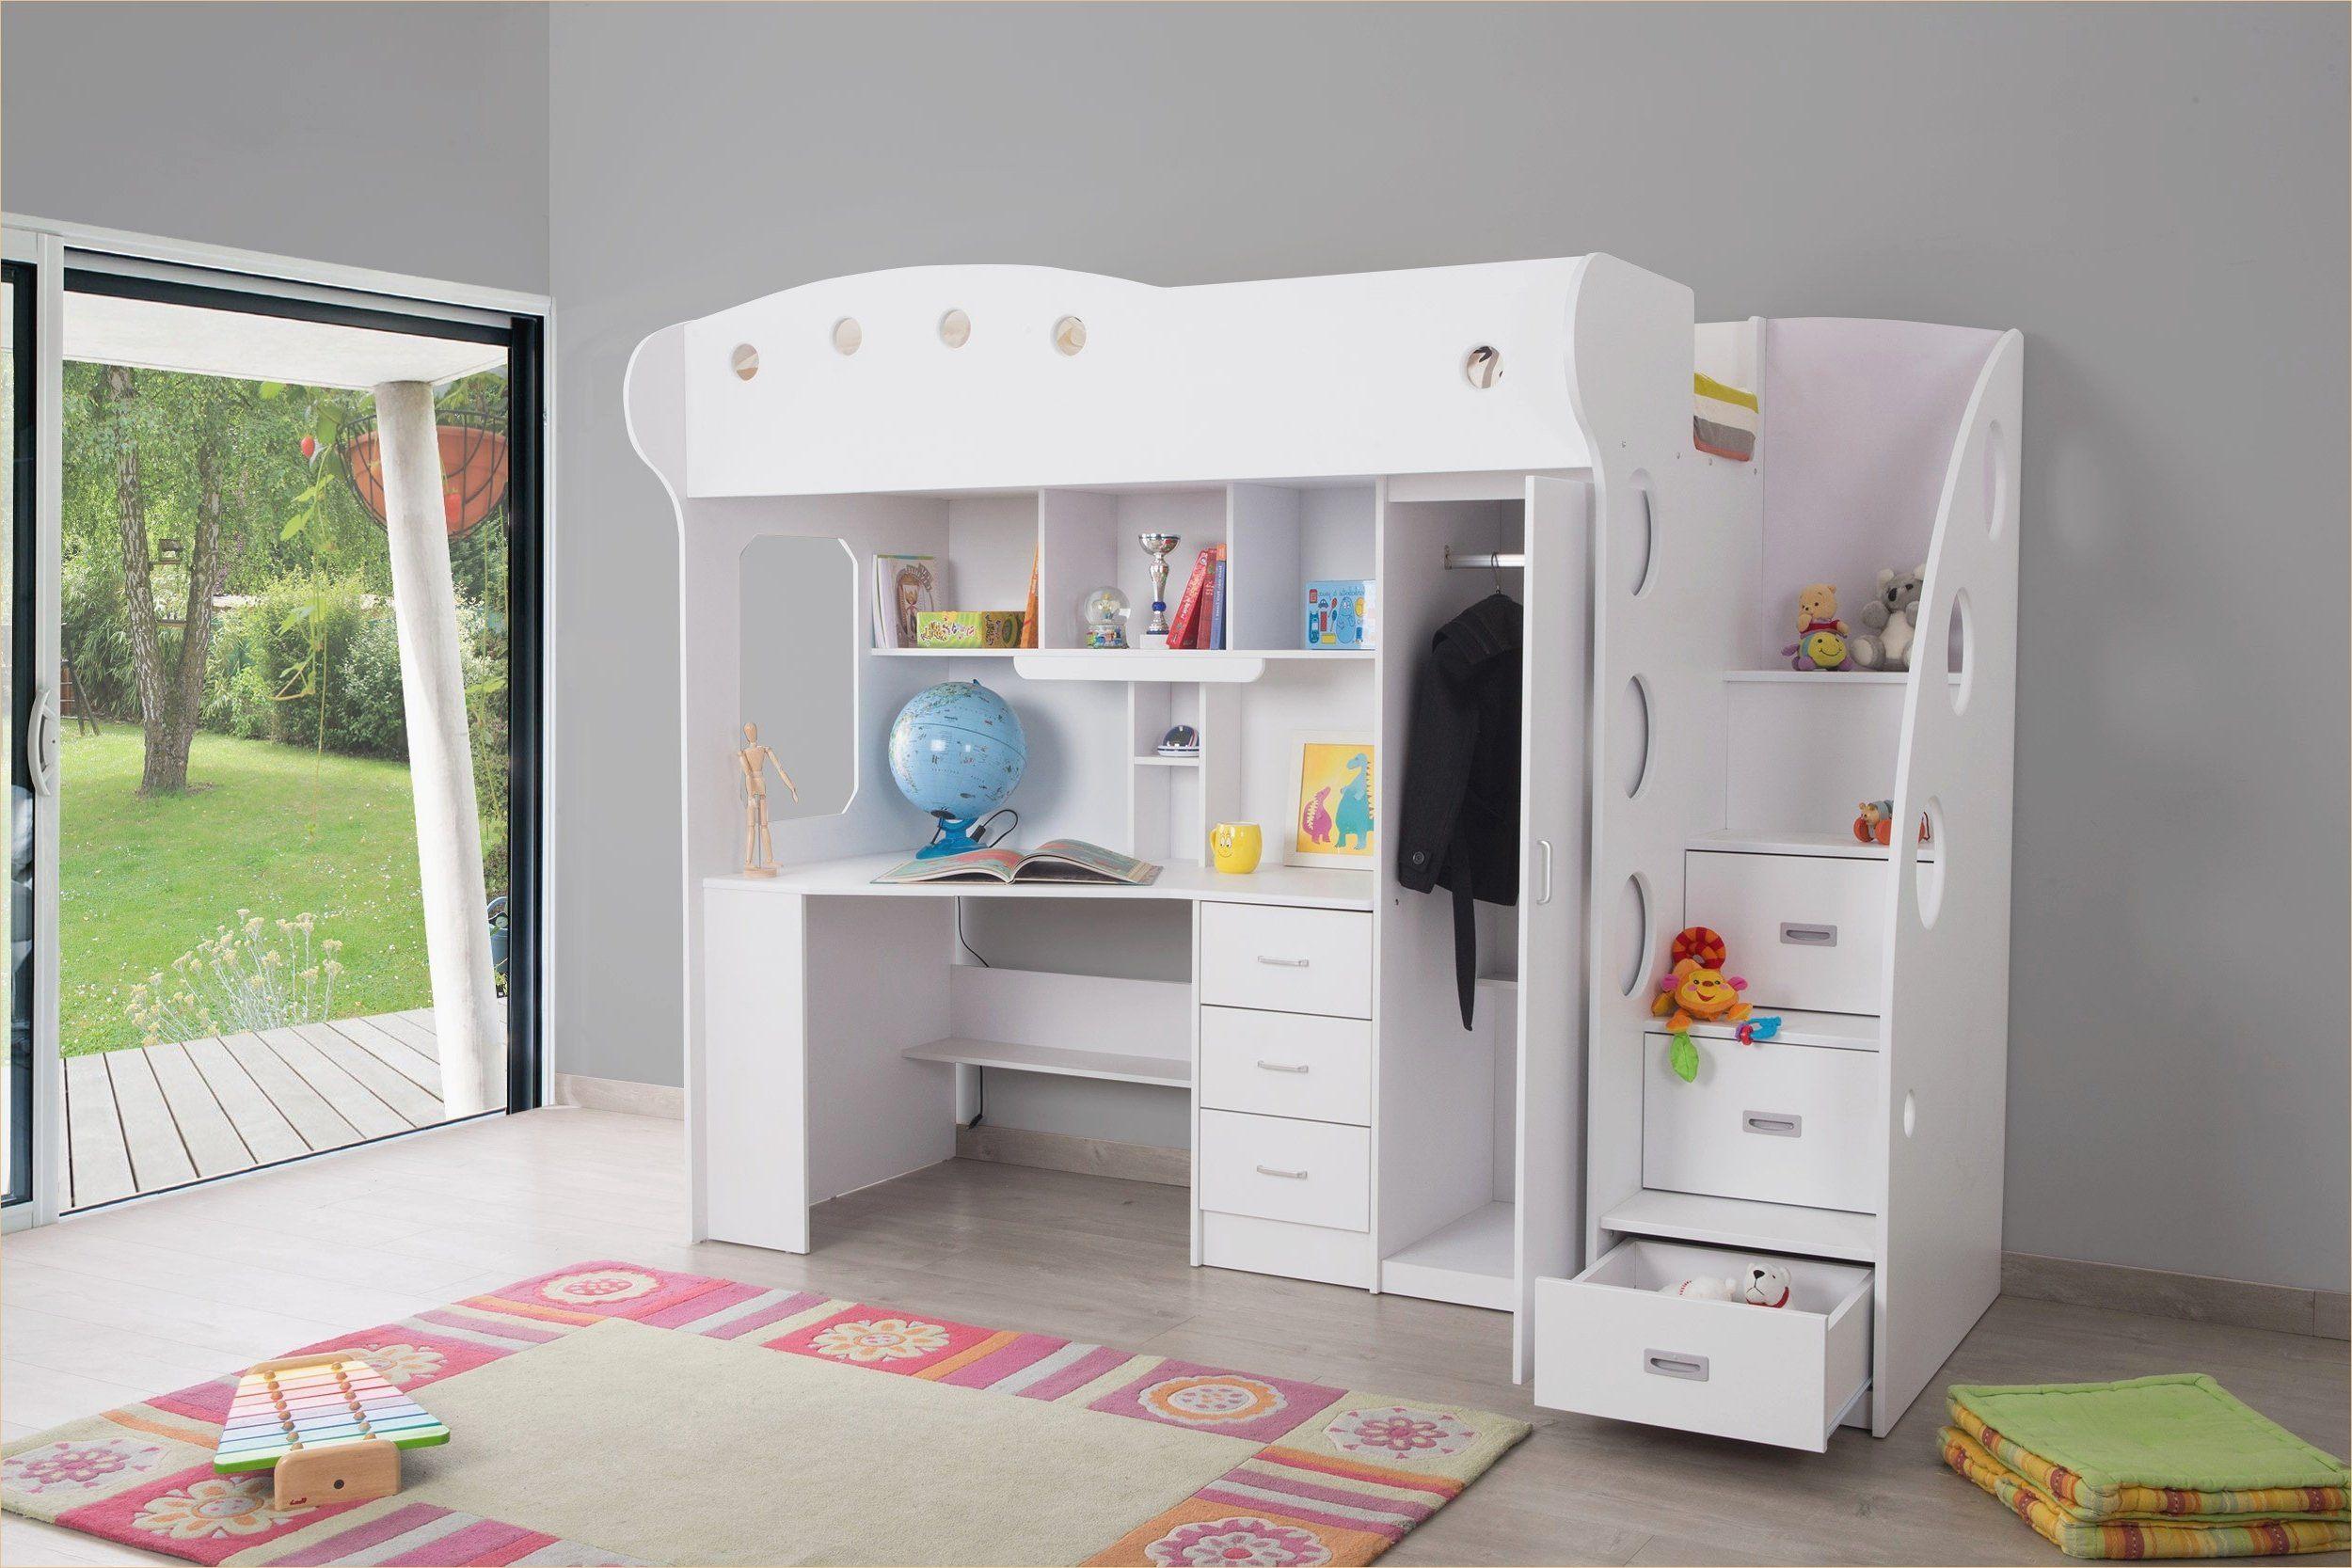 étourdissant Chambre Mezzanine Ado Sur Lit Mezzanine Design Lit